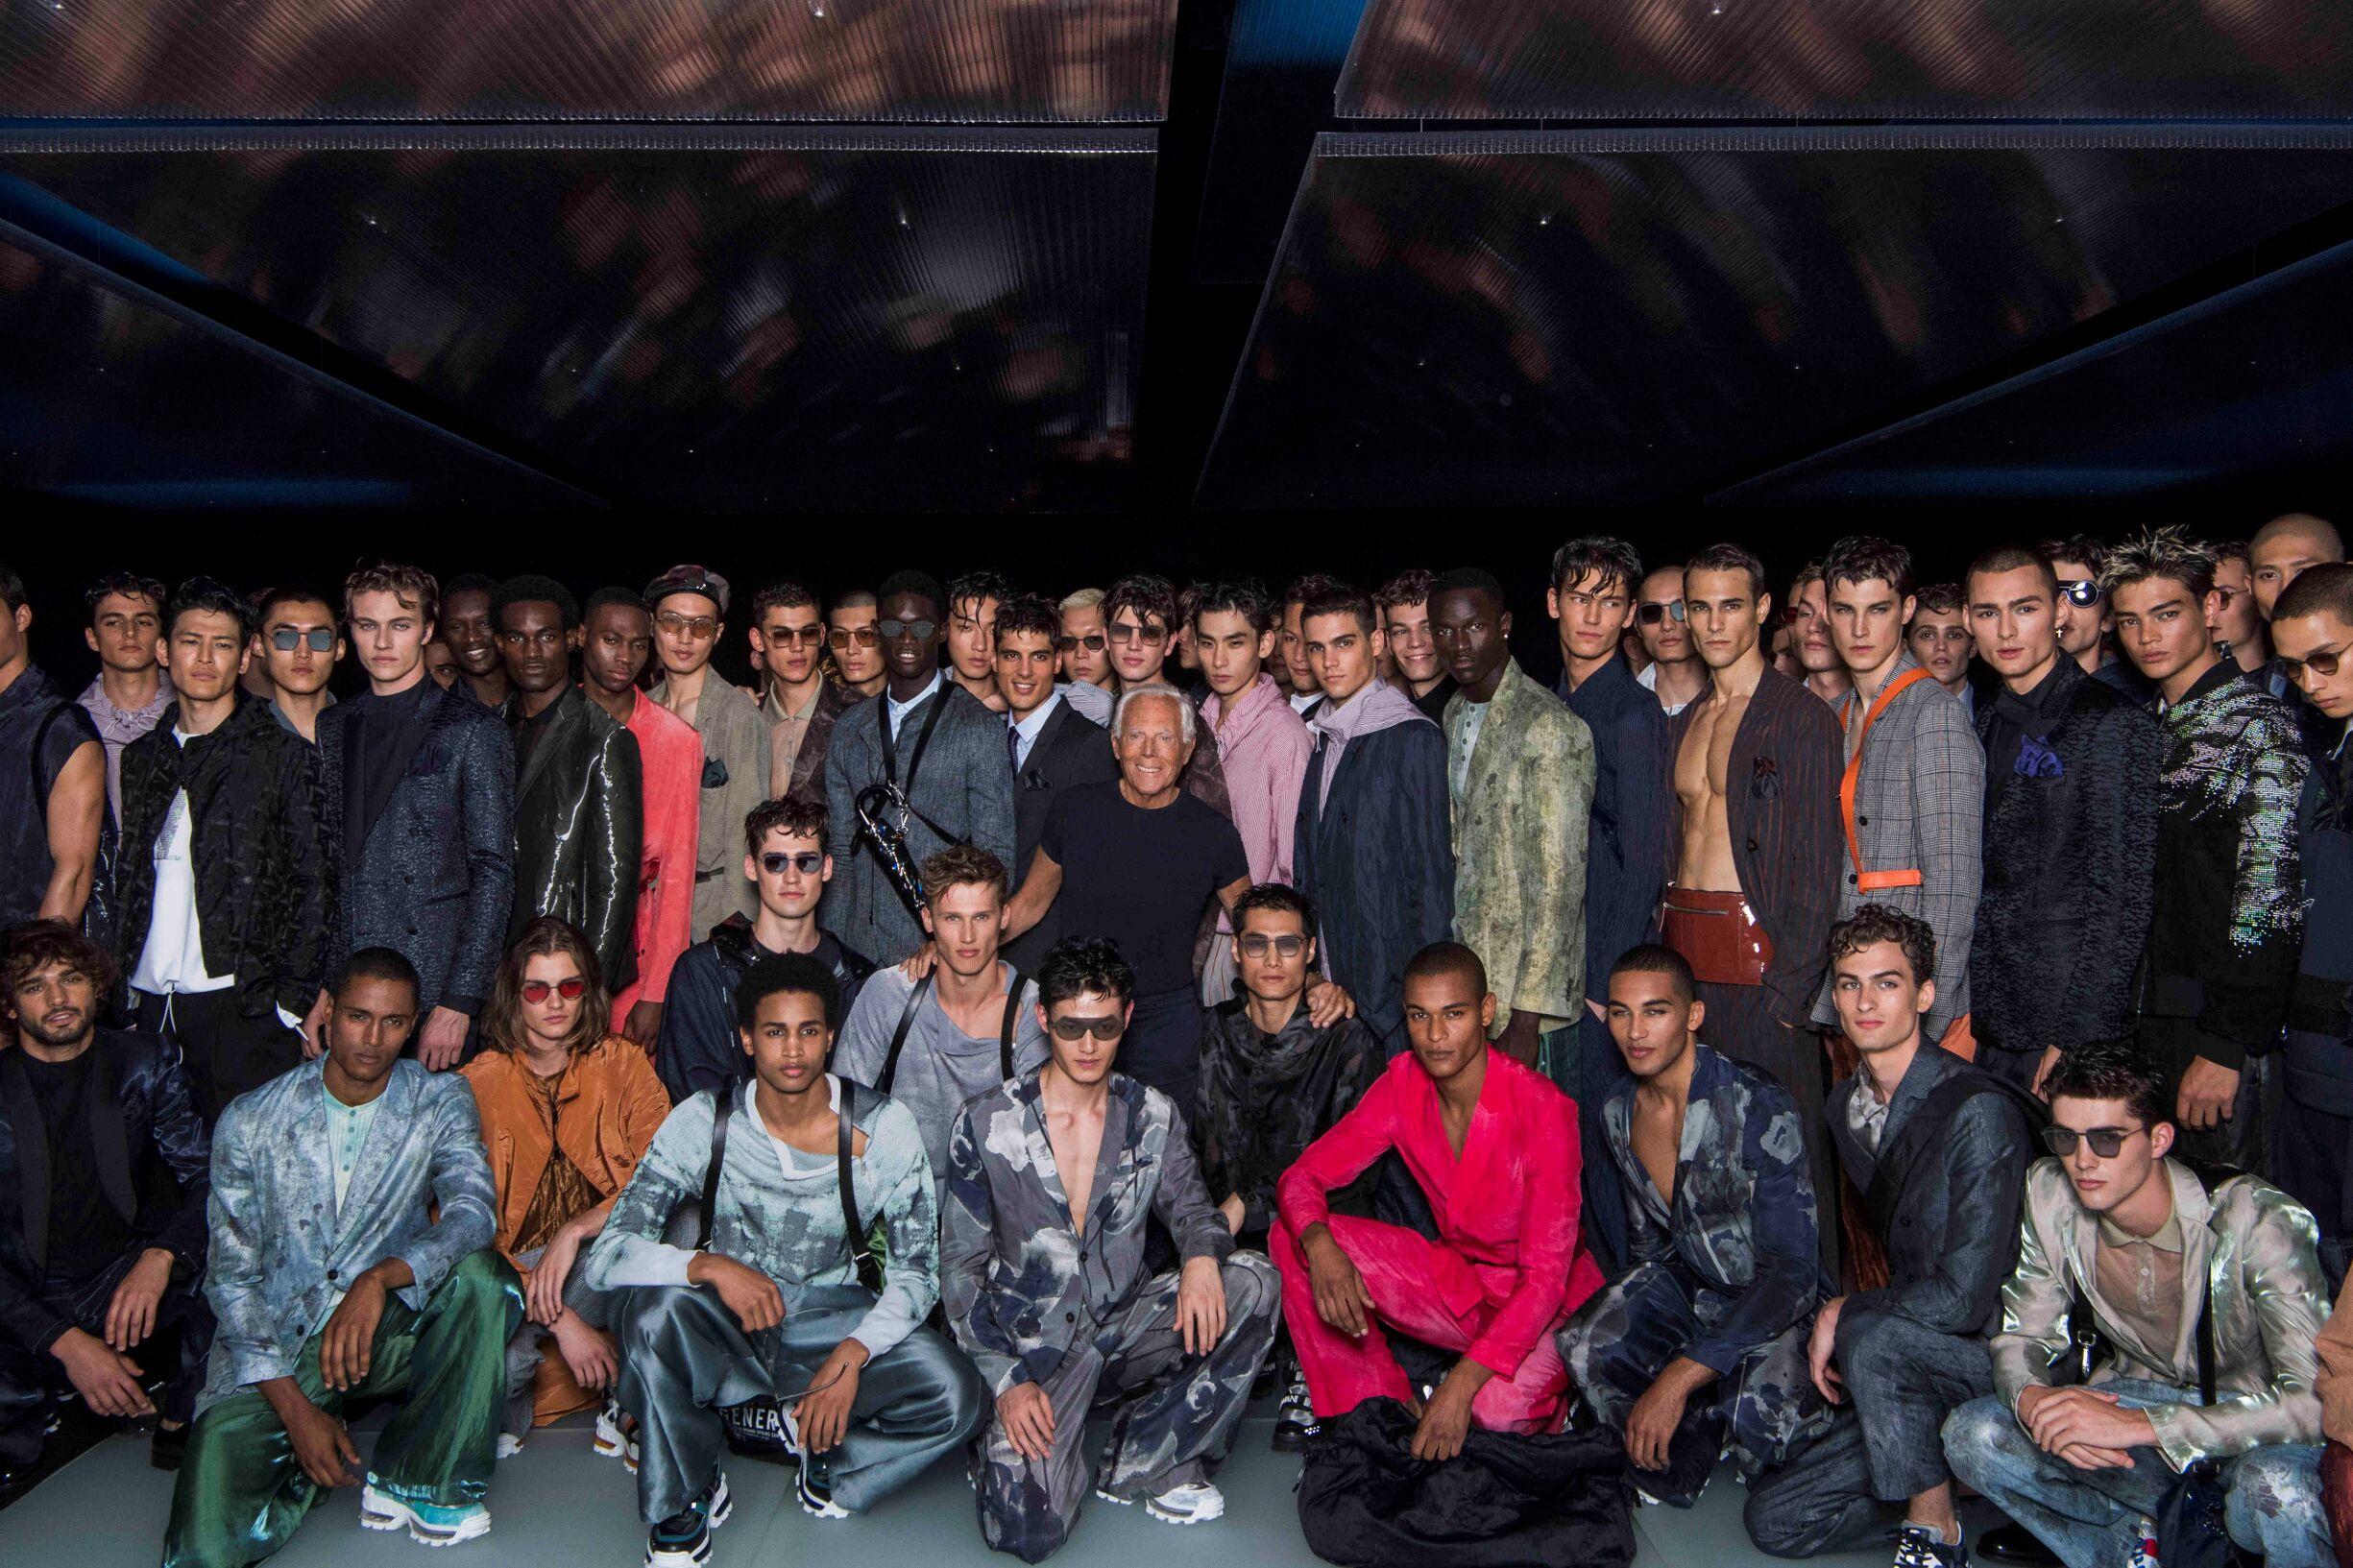 Giorgio Armani with Models Finale Emporio Armani